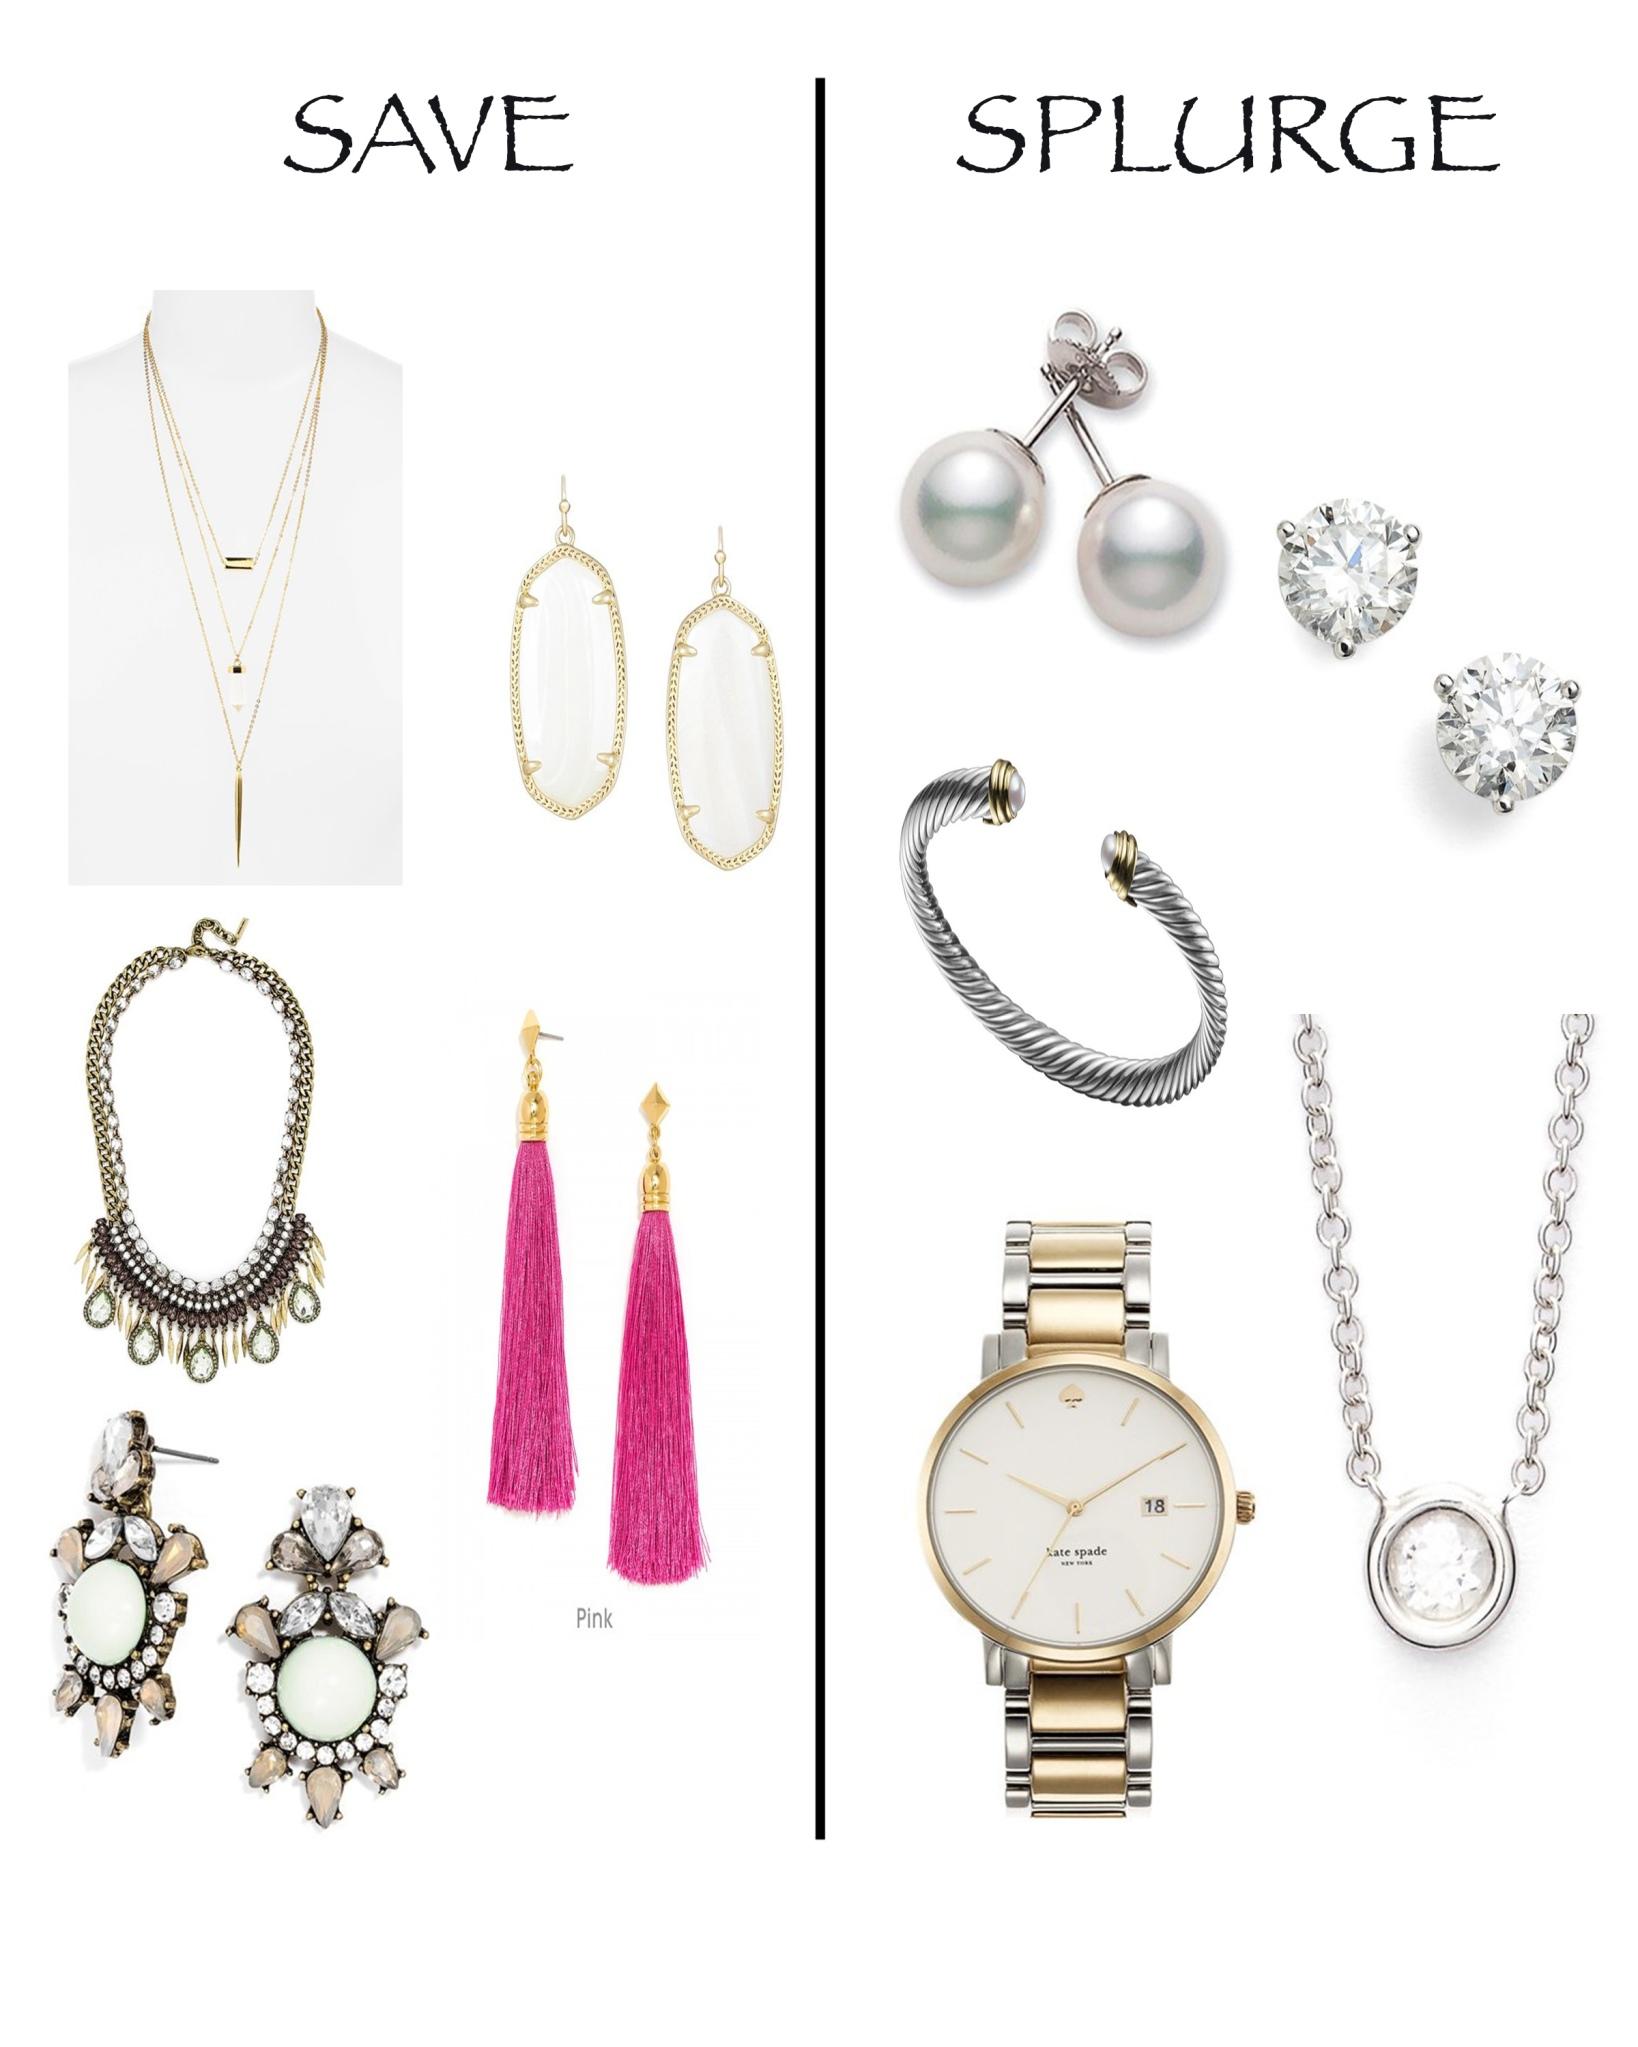 savesplurge jewelry